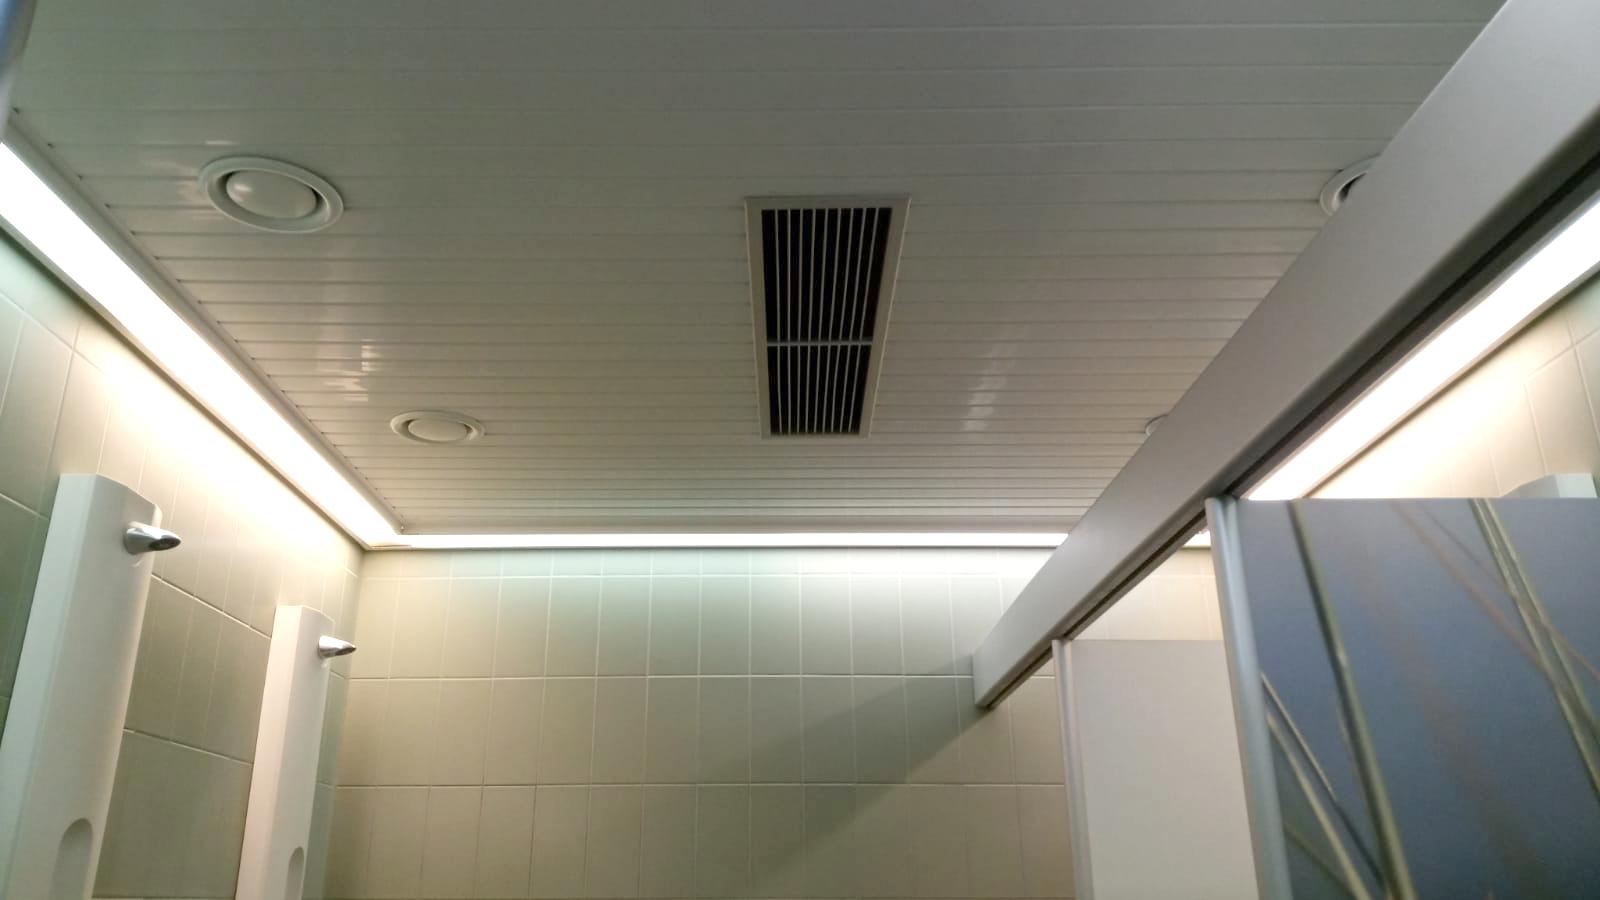 Der Austausch der Deckenpanelen in den Sanitärräumen im oberen Saunabereich, ist abgeschlossen